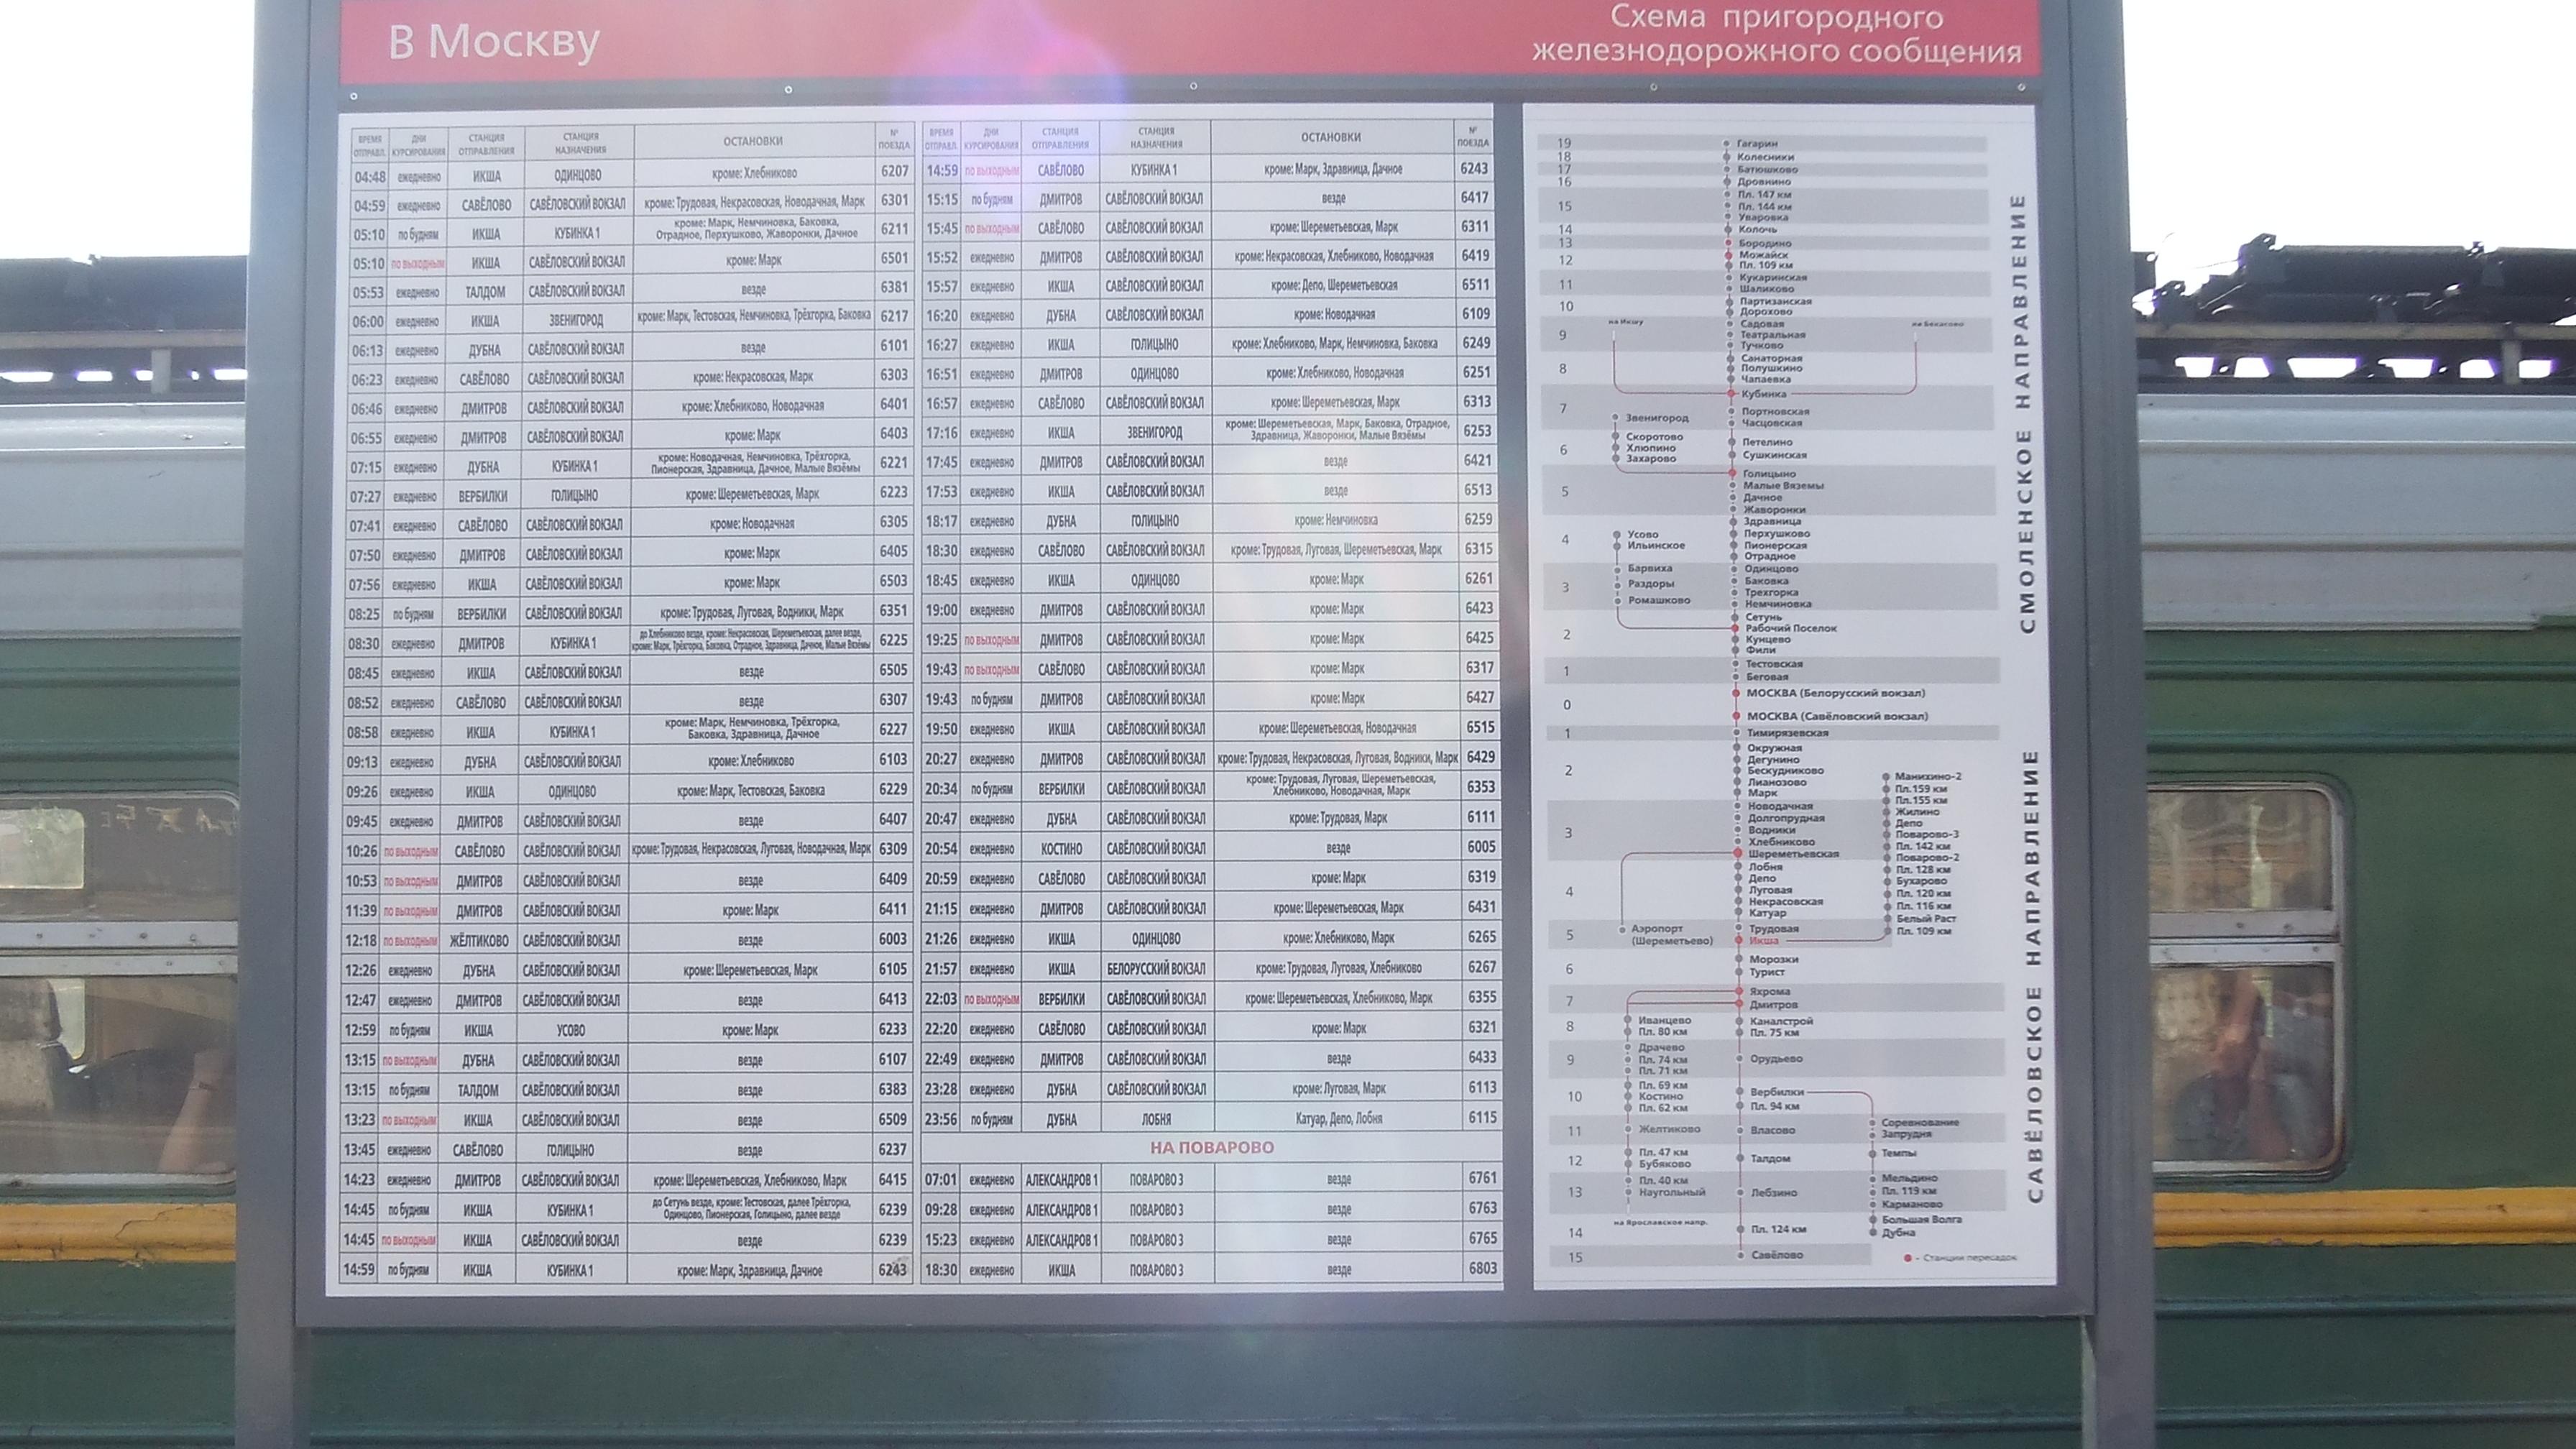 Оренбург Торговые из москвы расписание электричек от дегунино России бесплатно собрали